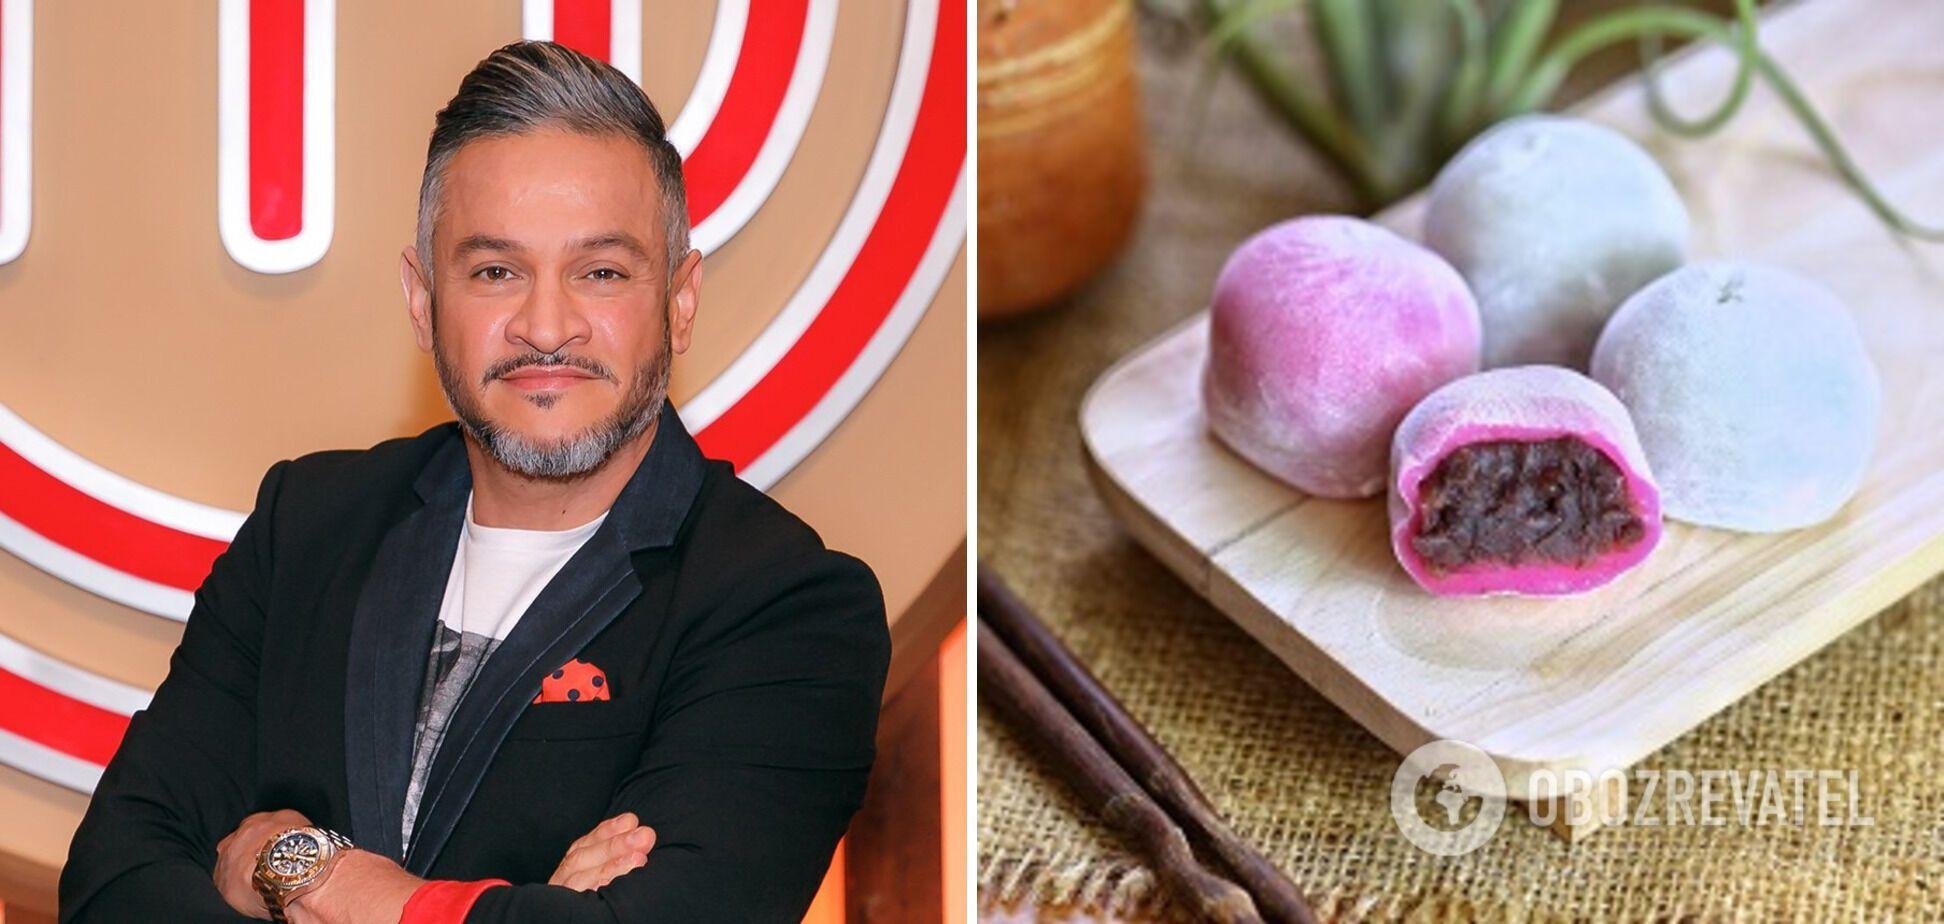 Моті – новий трендовий японський десерт: секрети приготування від Ектора Хіменеса-Браво